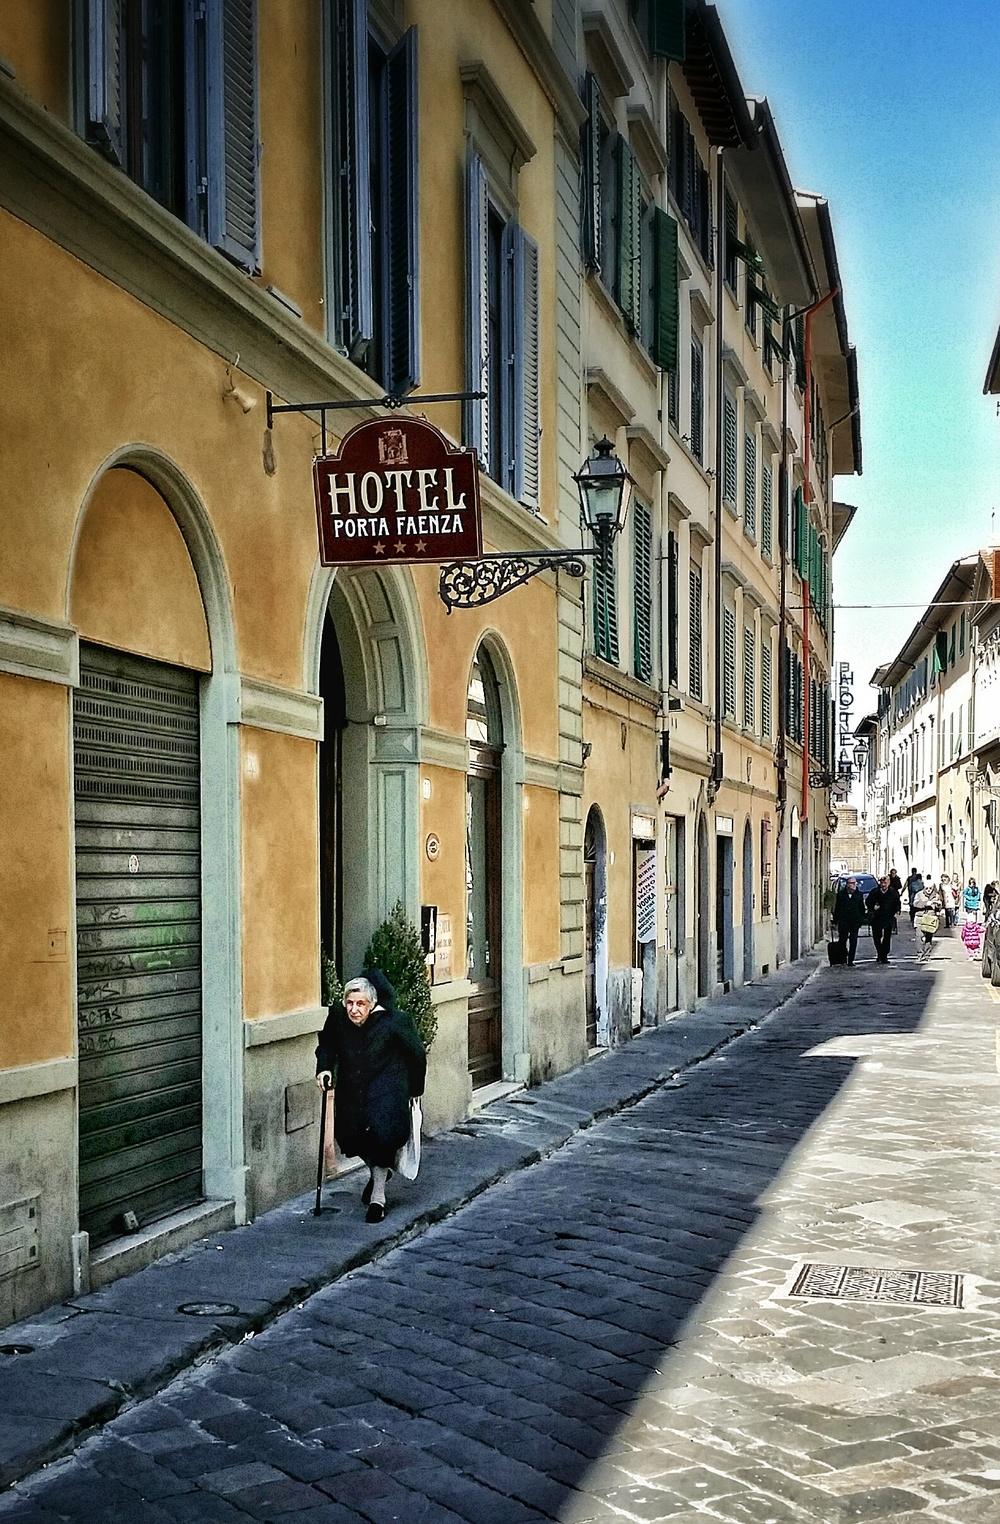 Hotel photography, italy